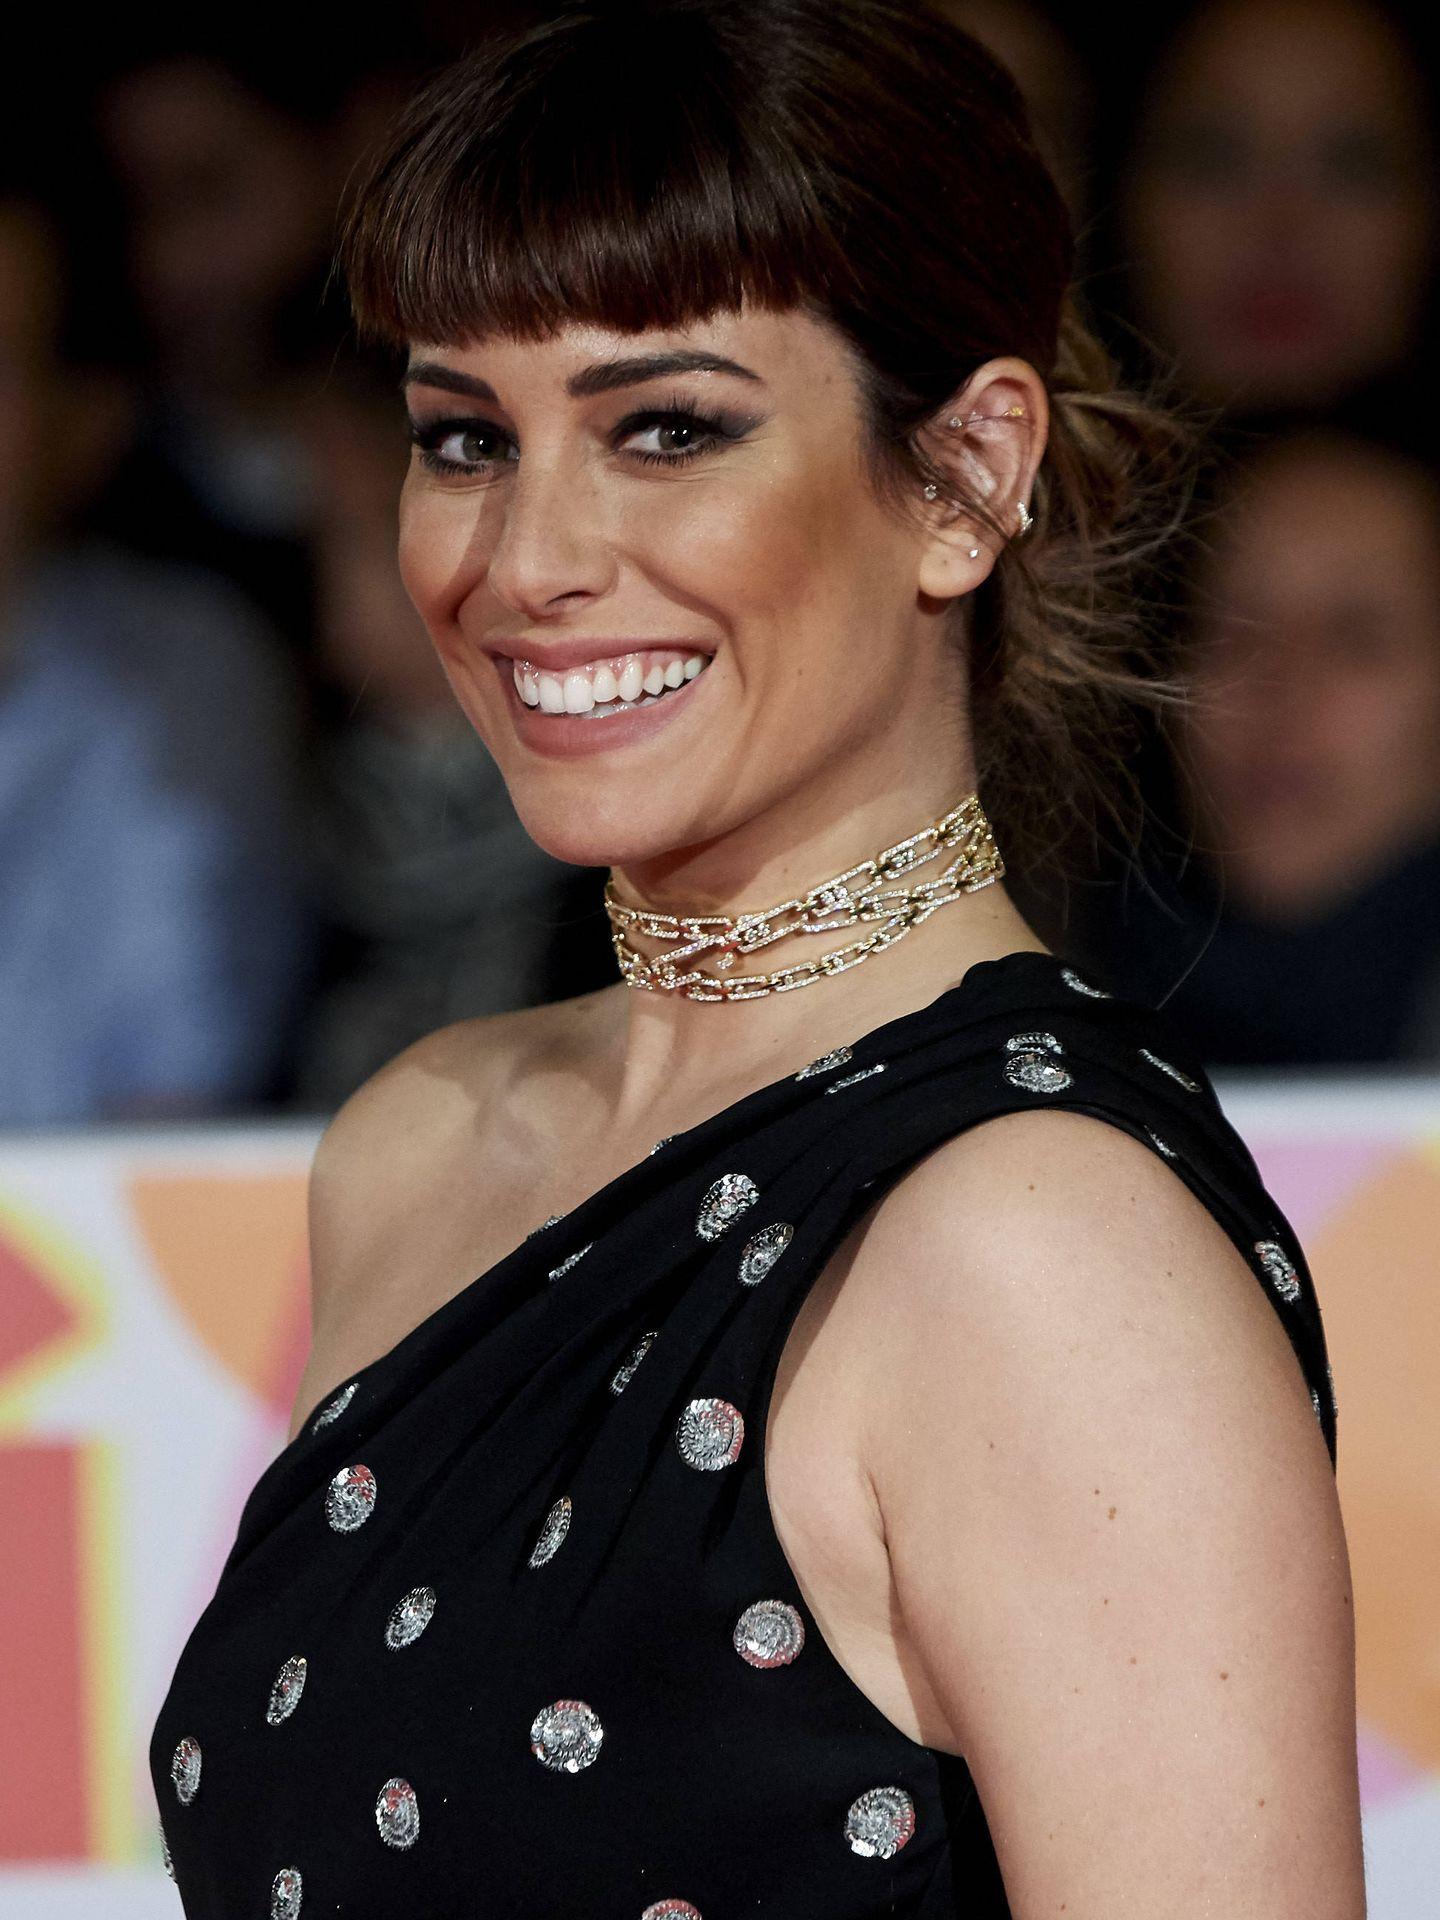 Blanca Suárez en el Festival de Cine de Málaga con flequillo postizo, otra tendencia. (Getty)